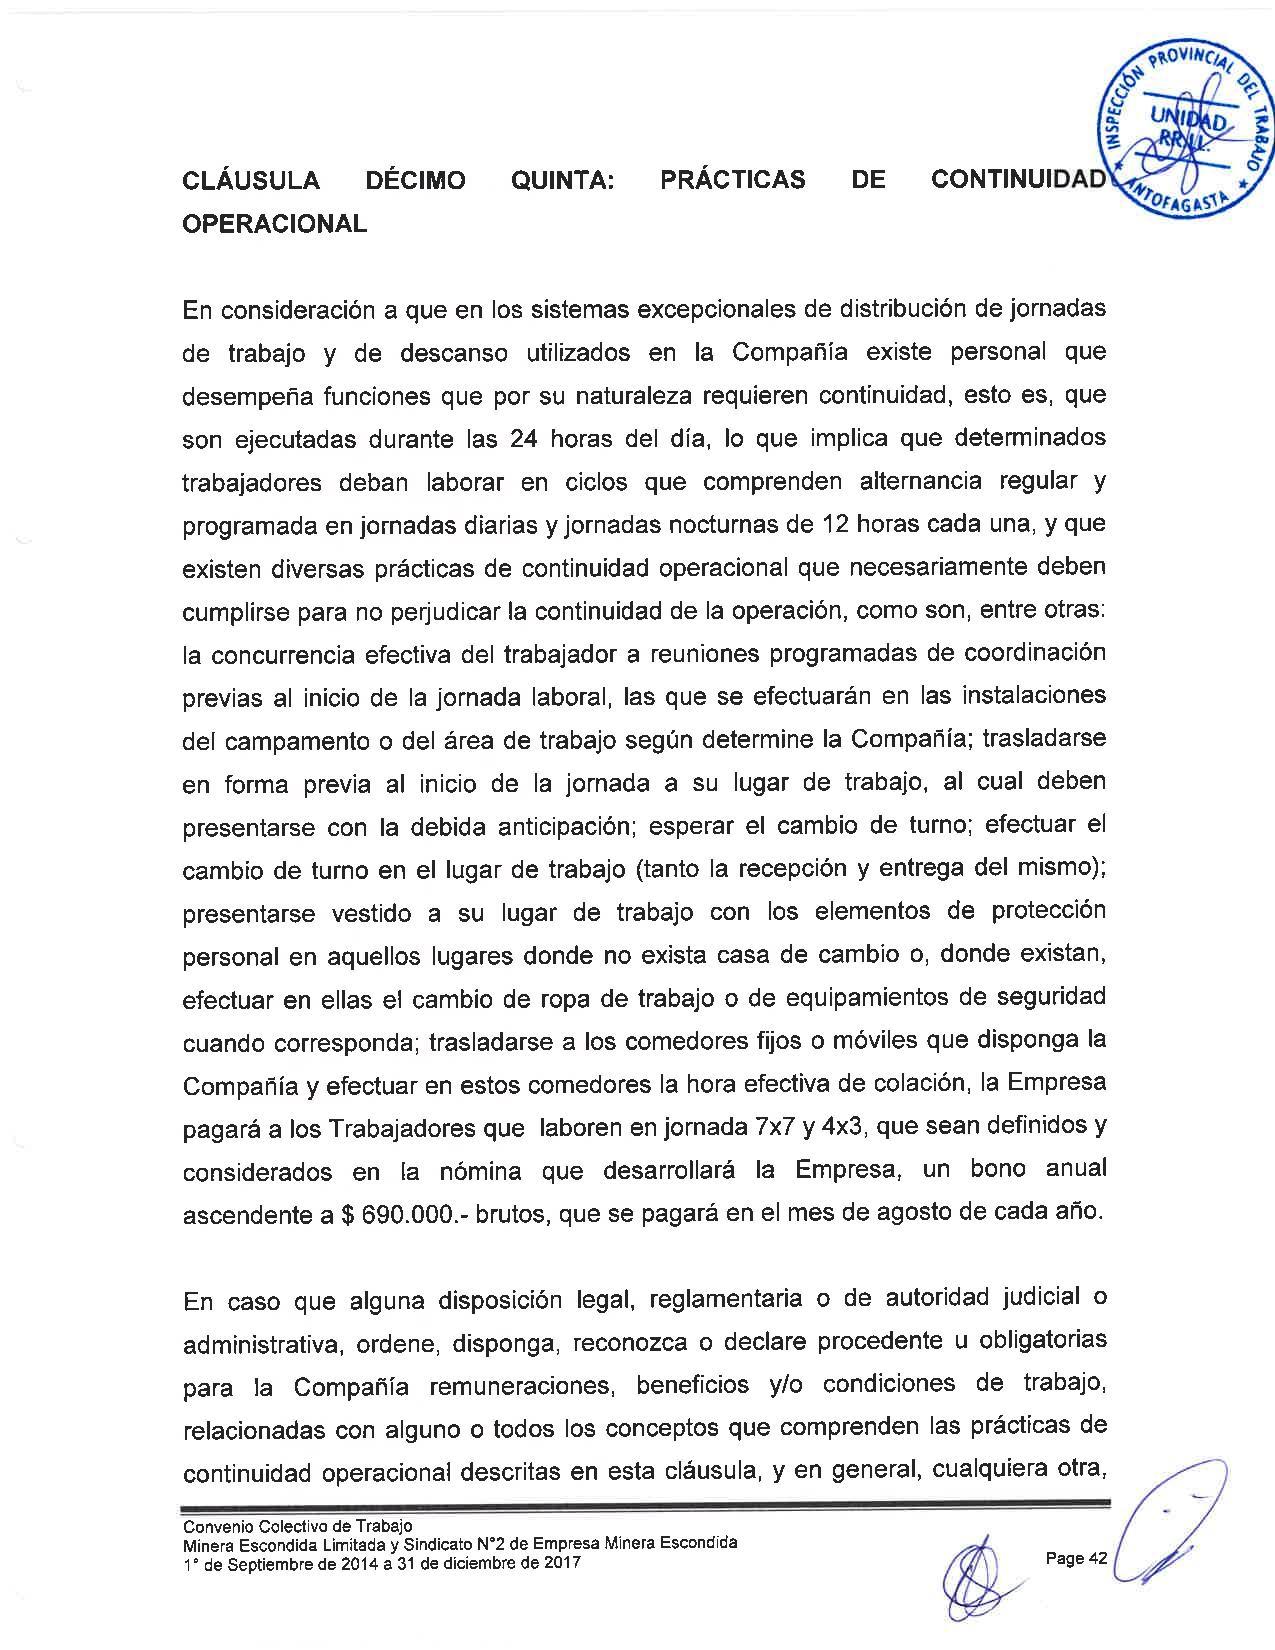 Página (42).jpg